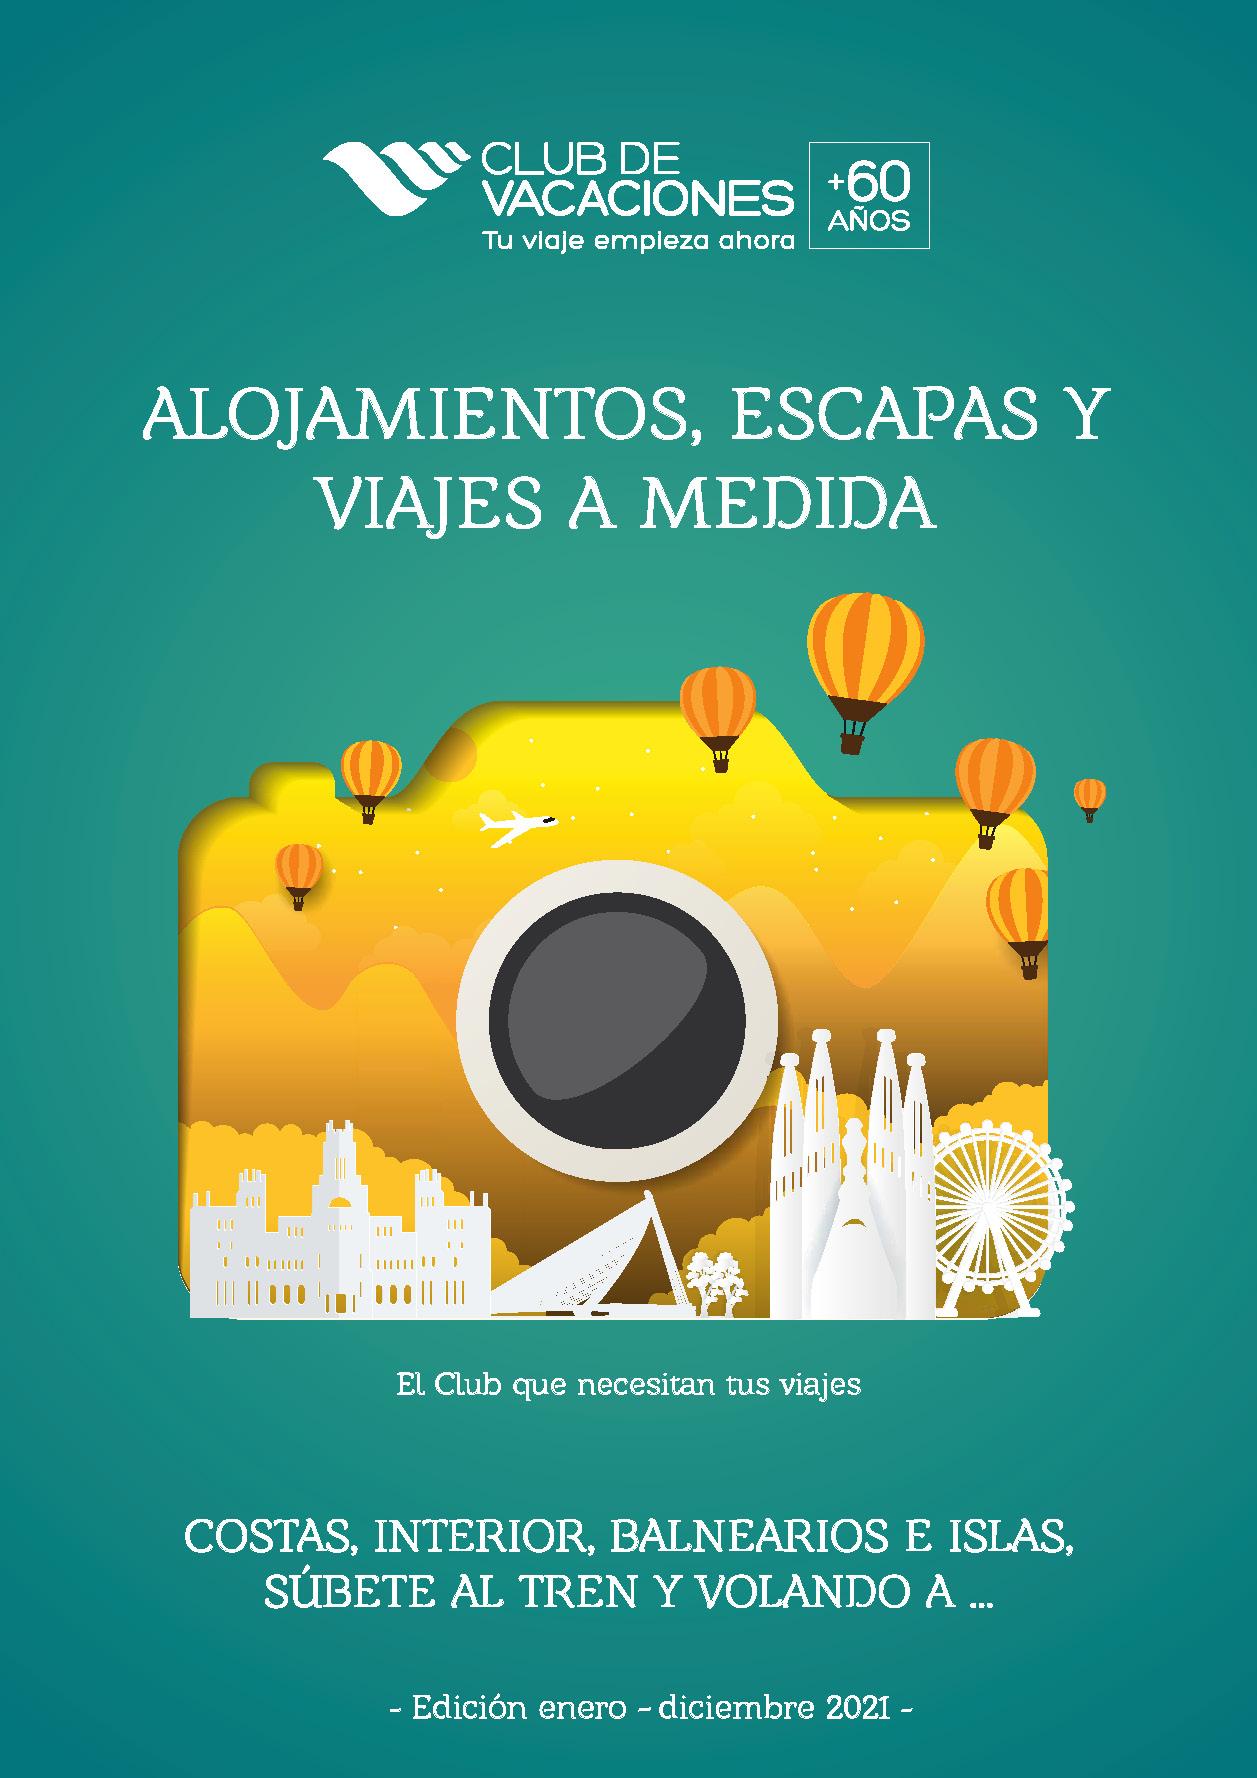 Catalogo Club de Vacaciones Alojamientos Escapadas y Viajes a Medida 2021